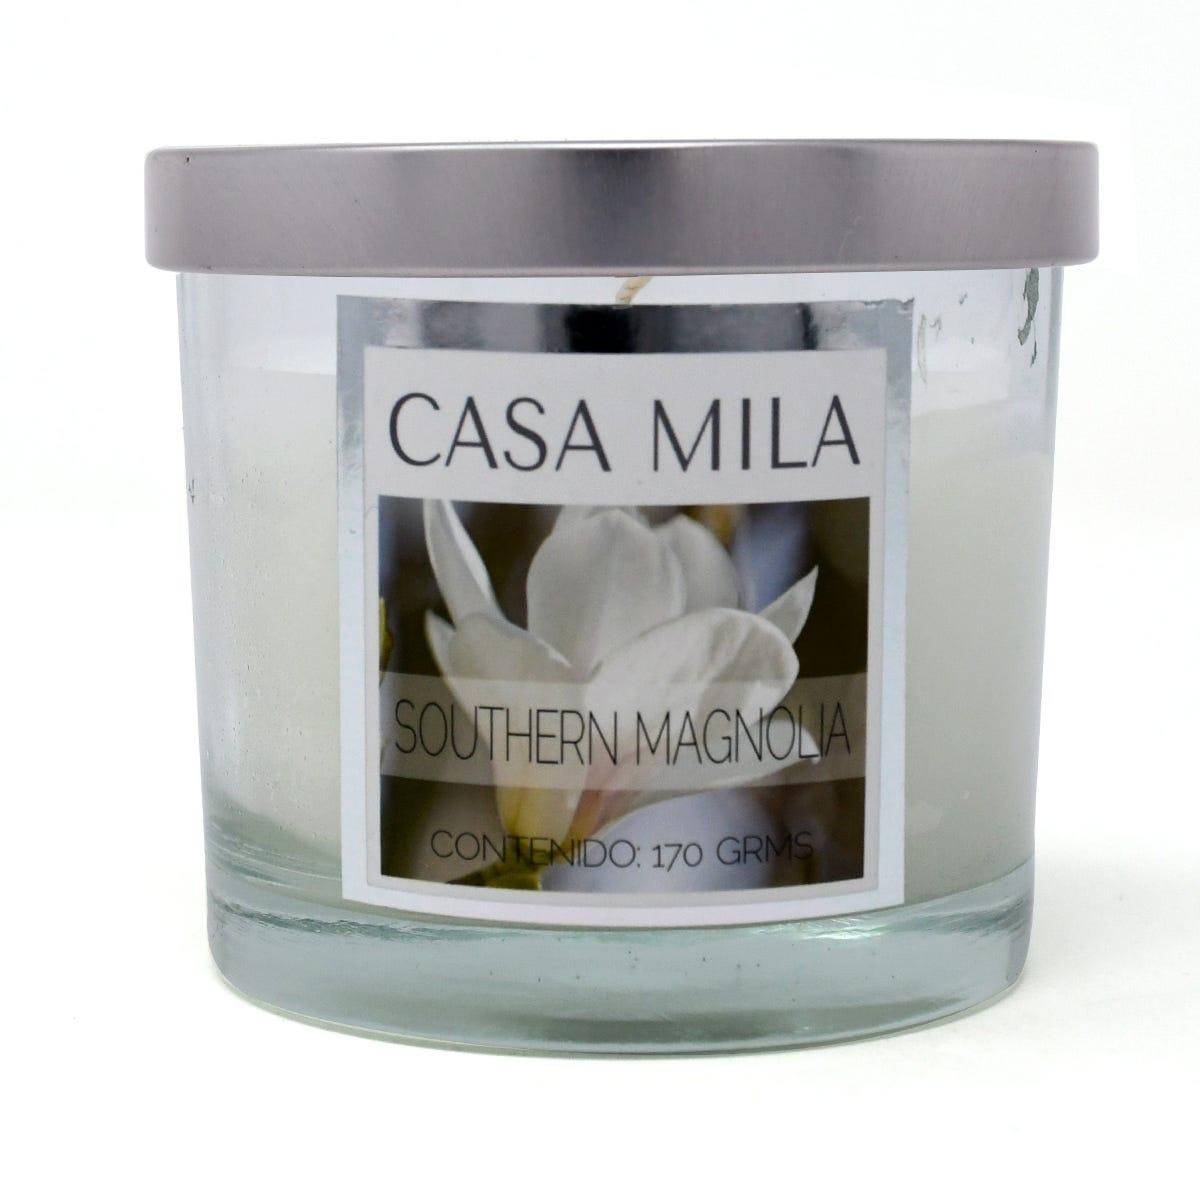 Vela en vaso de vidrio Colonial Candle® Southern Magnolia